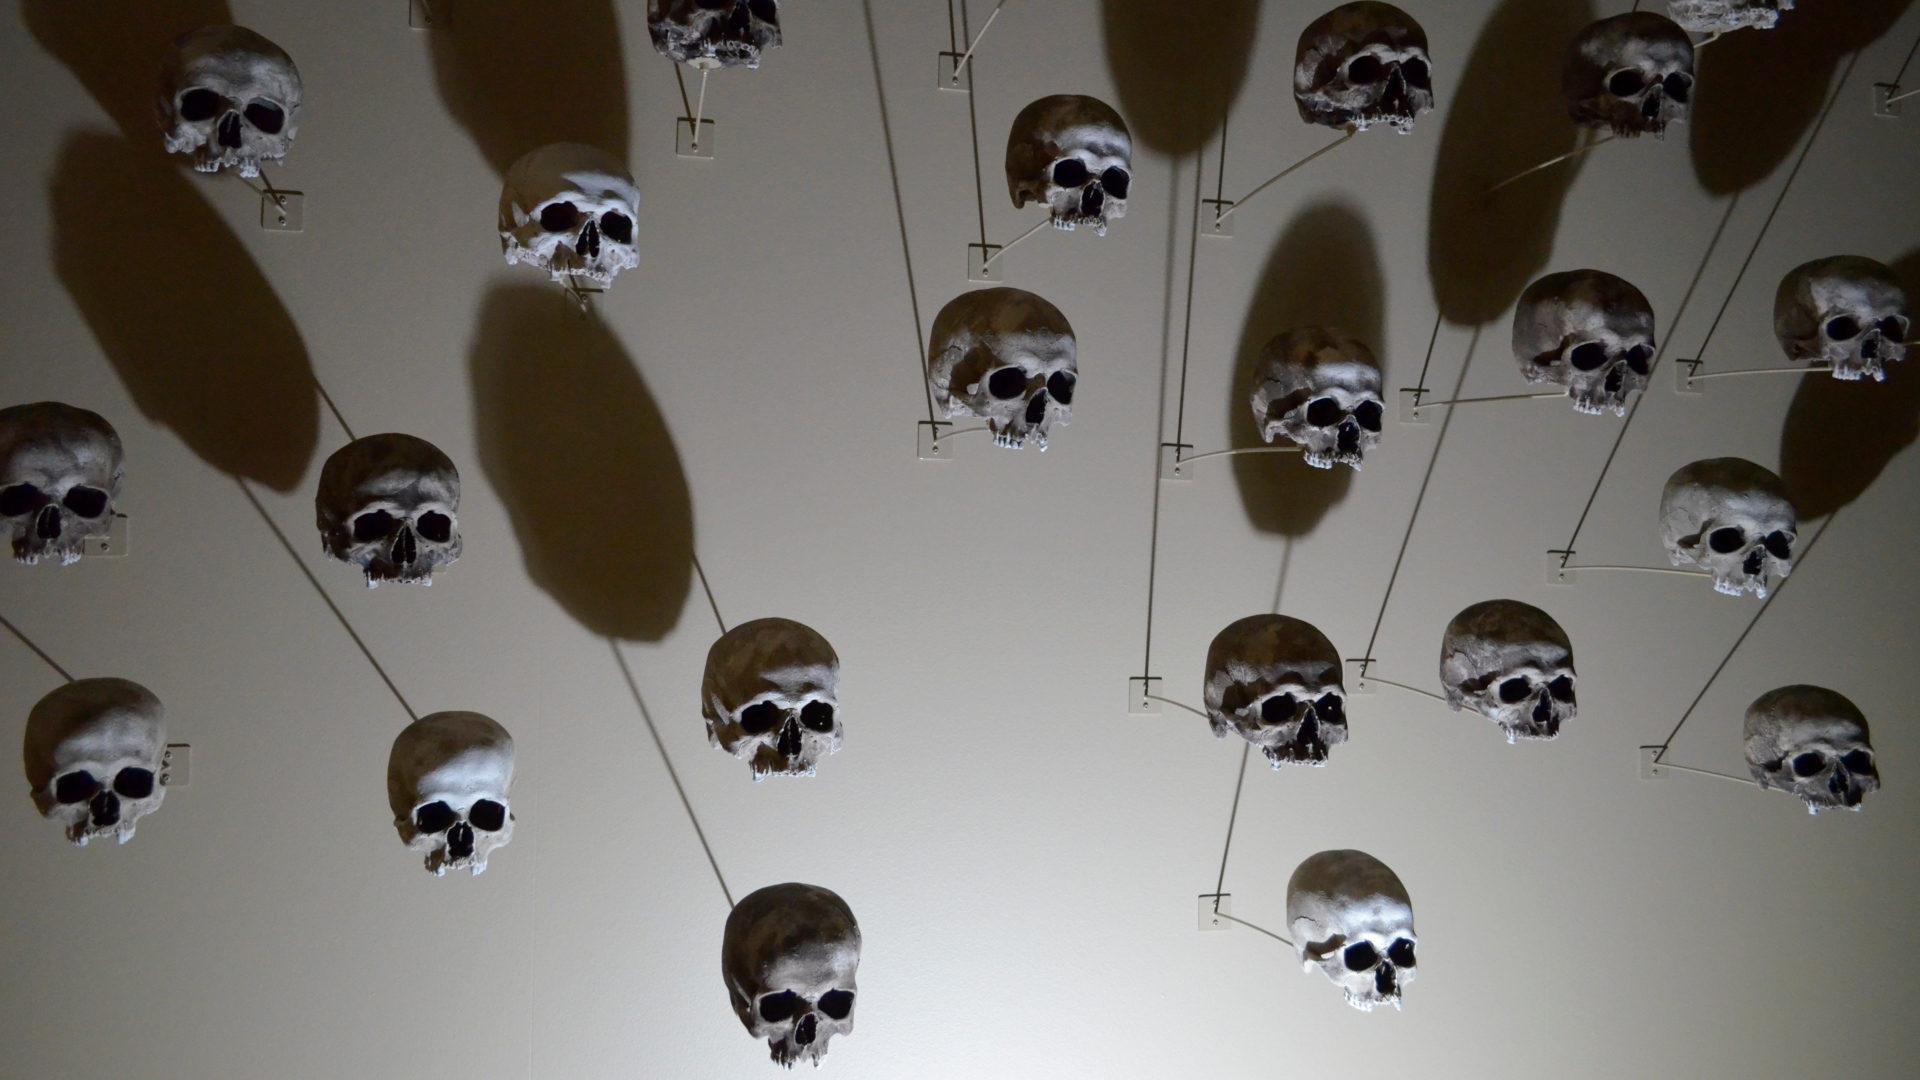 Totenköpfe stehen für urzeitliche Ritualmorde | © Regula Pfeifer